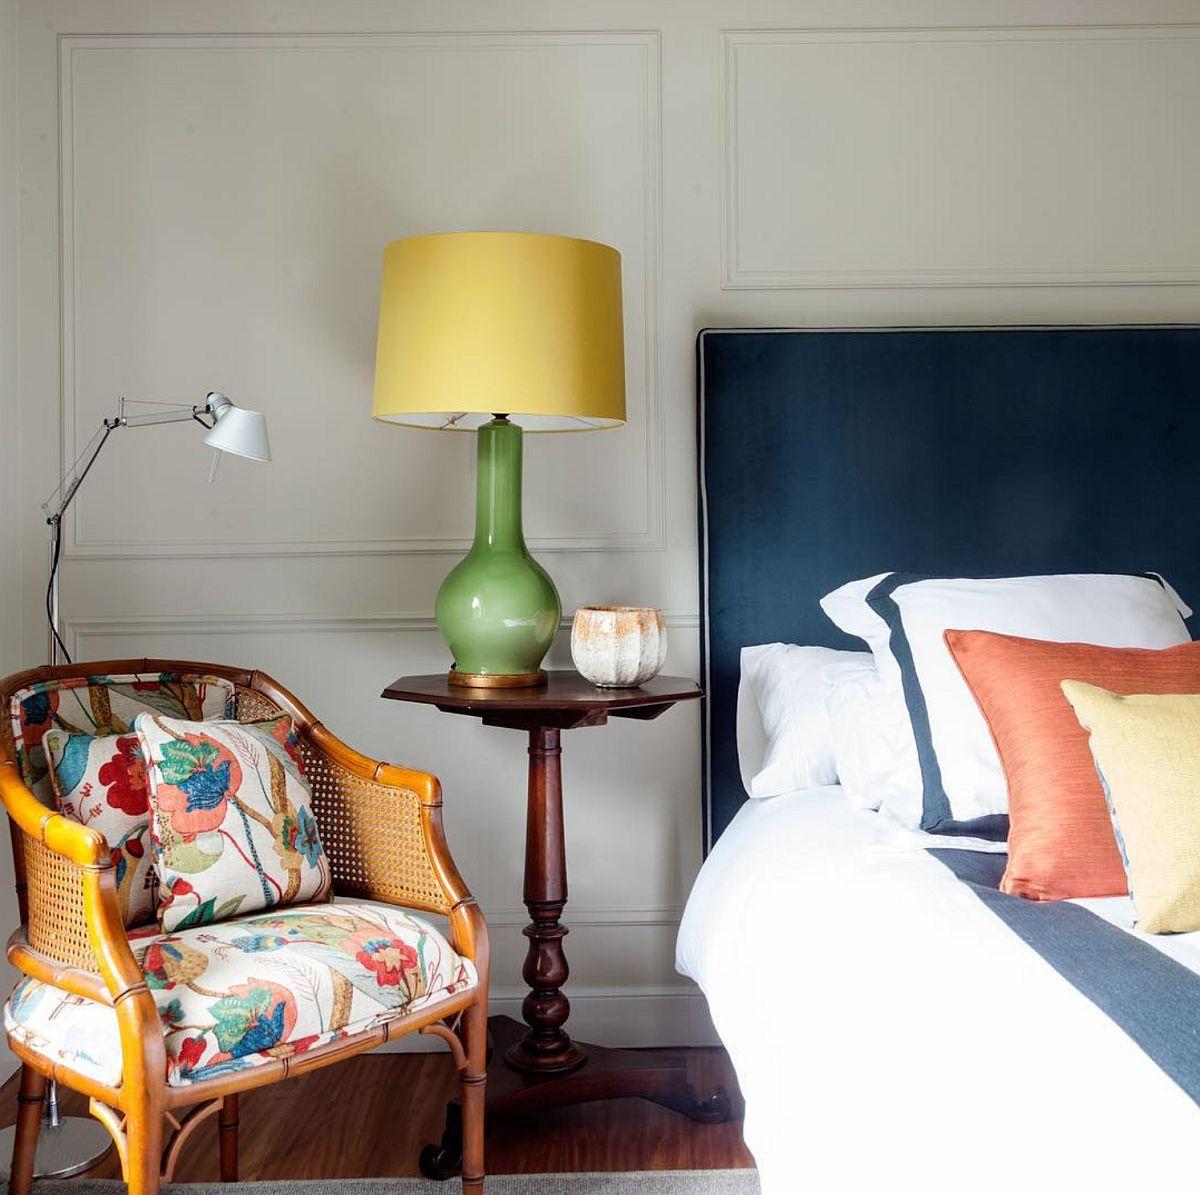 Pentru a-i da dormitorului matrimonial un aer ușor clasic, designerul a prevăzut montarea de profile decorative pe perete vopsite în aceeași nuanță cu a pereților. Astfel, s-a creat impresia de placări cu lambriuri.